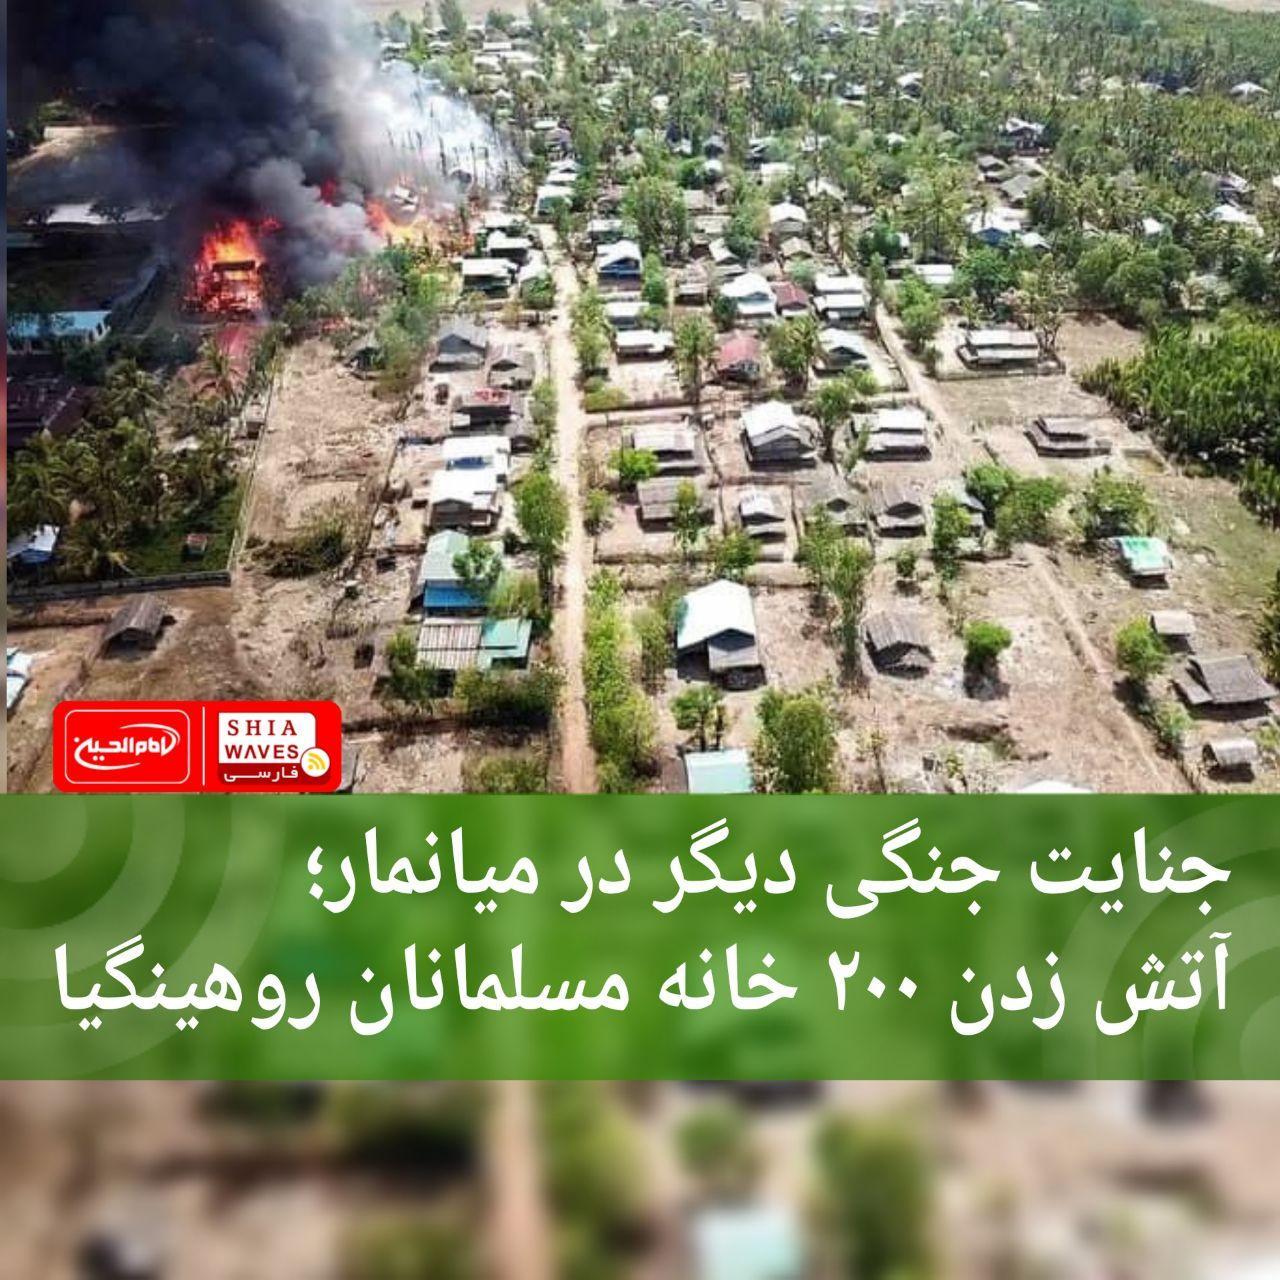 تصویر جنایت جنگی دیگر در میانمار؛ آتش زدن ۲۰۰ خانه مسلمانان روهینگیا